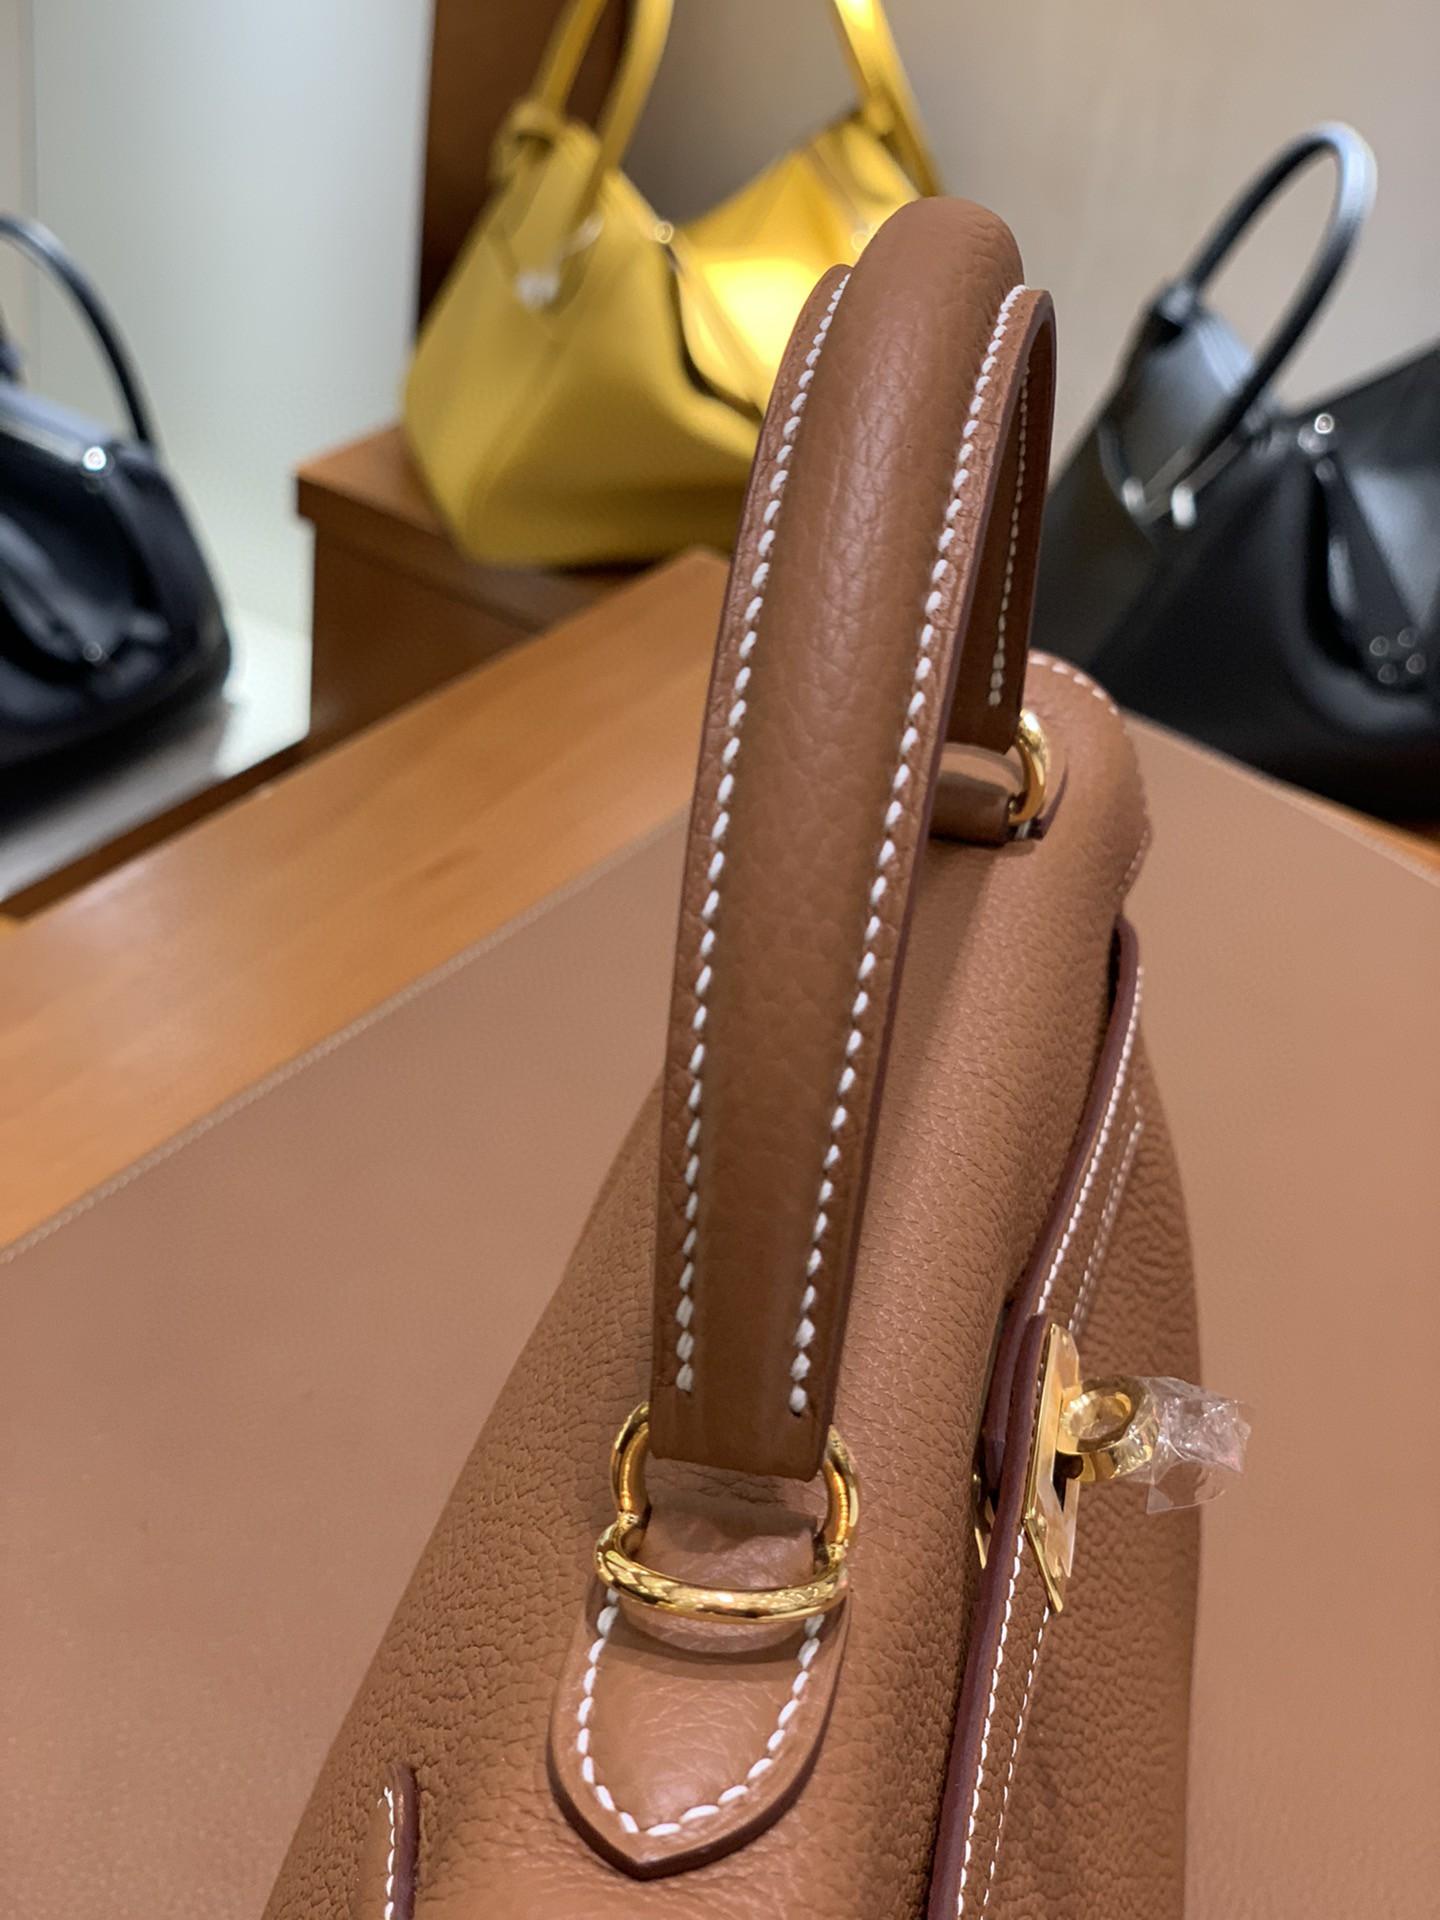 Hermès(爱马仕)Kelly 凯莉包 Togo 金棕色 金扣 25cm 现货